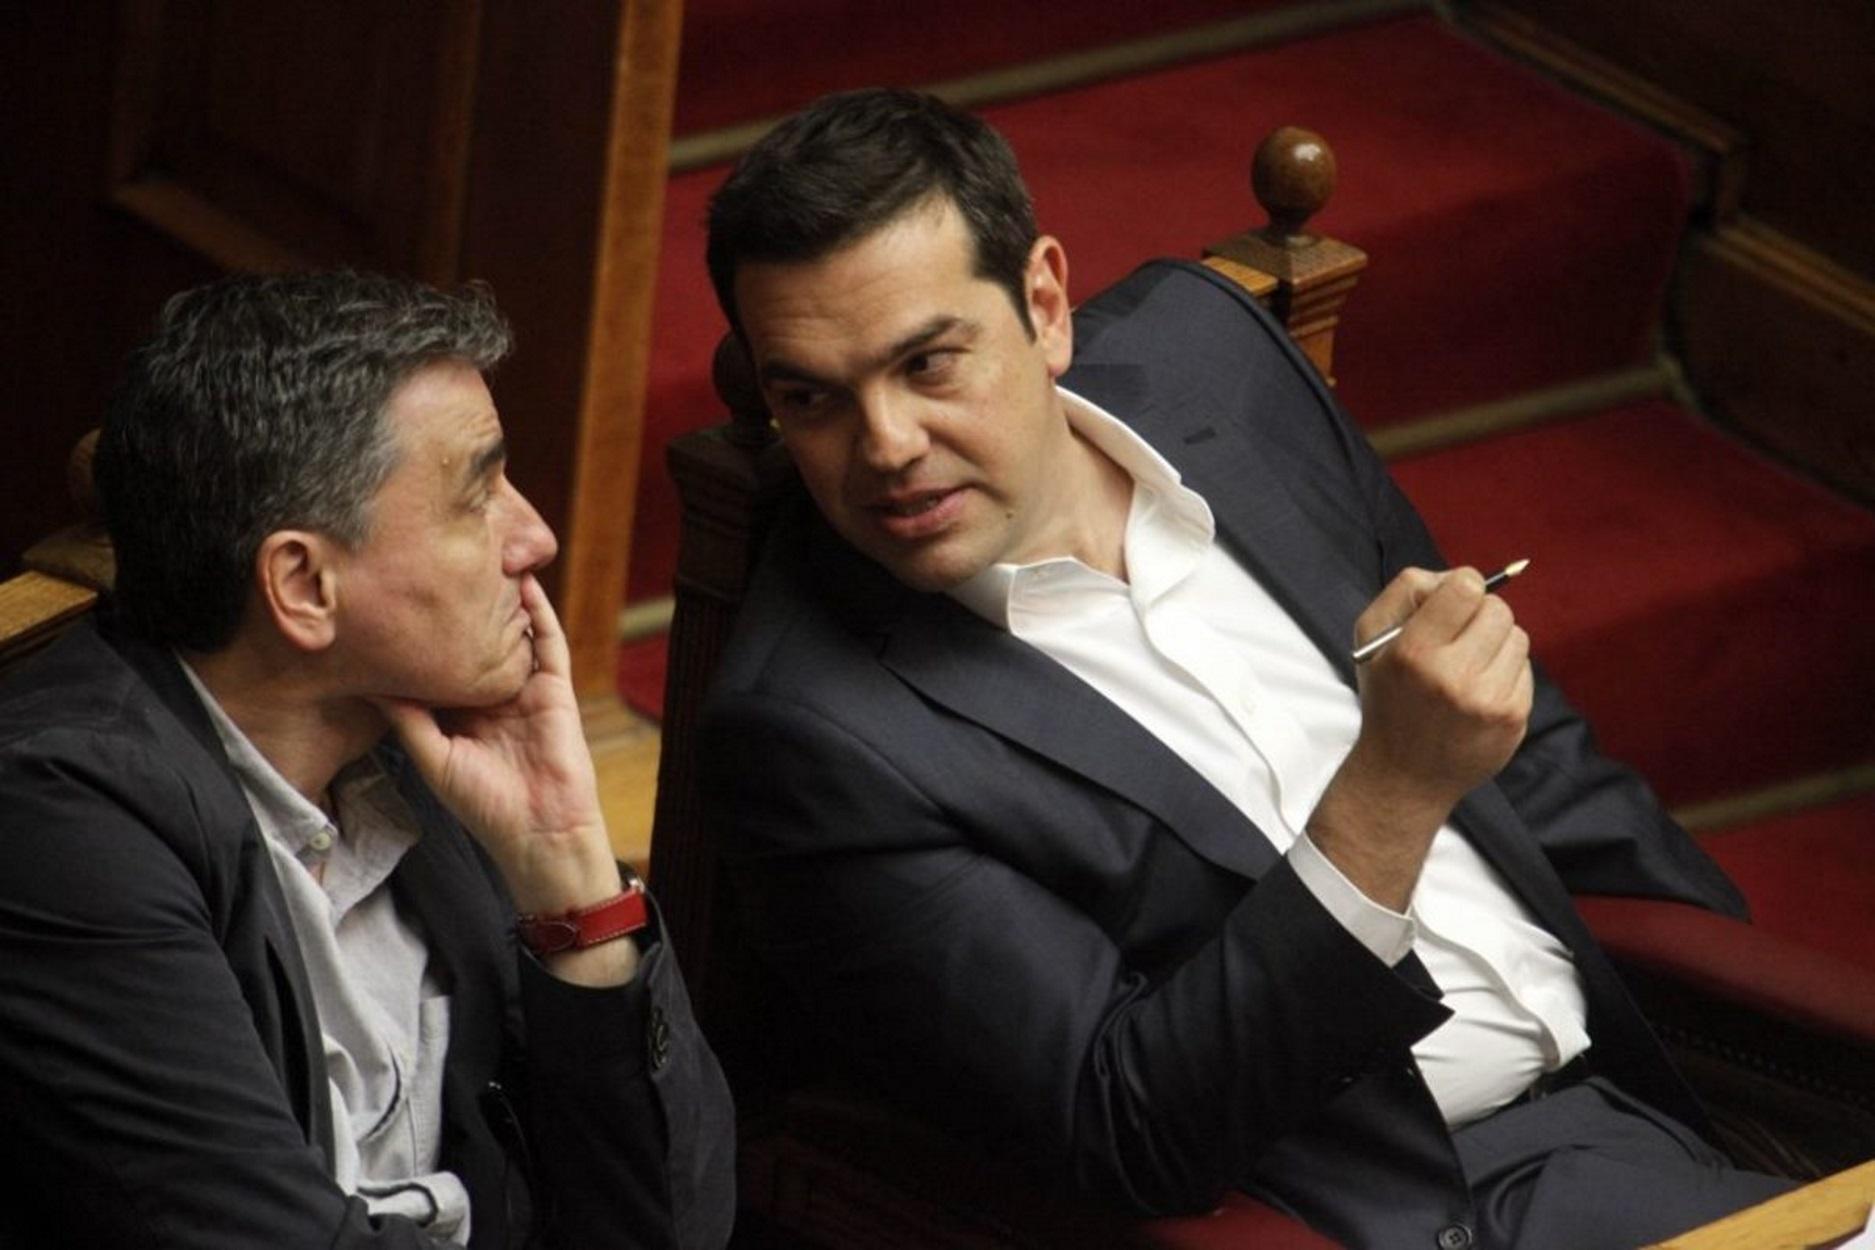 Τσίπρας σε Τσακαλώτο: Οι διαφωνίες μόνο στα κομματικά όργανα – Όλο το παρασκήνιο του μαραθώνιου Πολιτικού Συμβουλίου